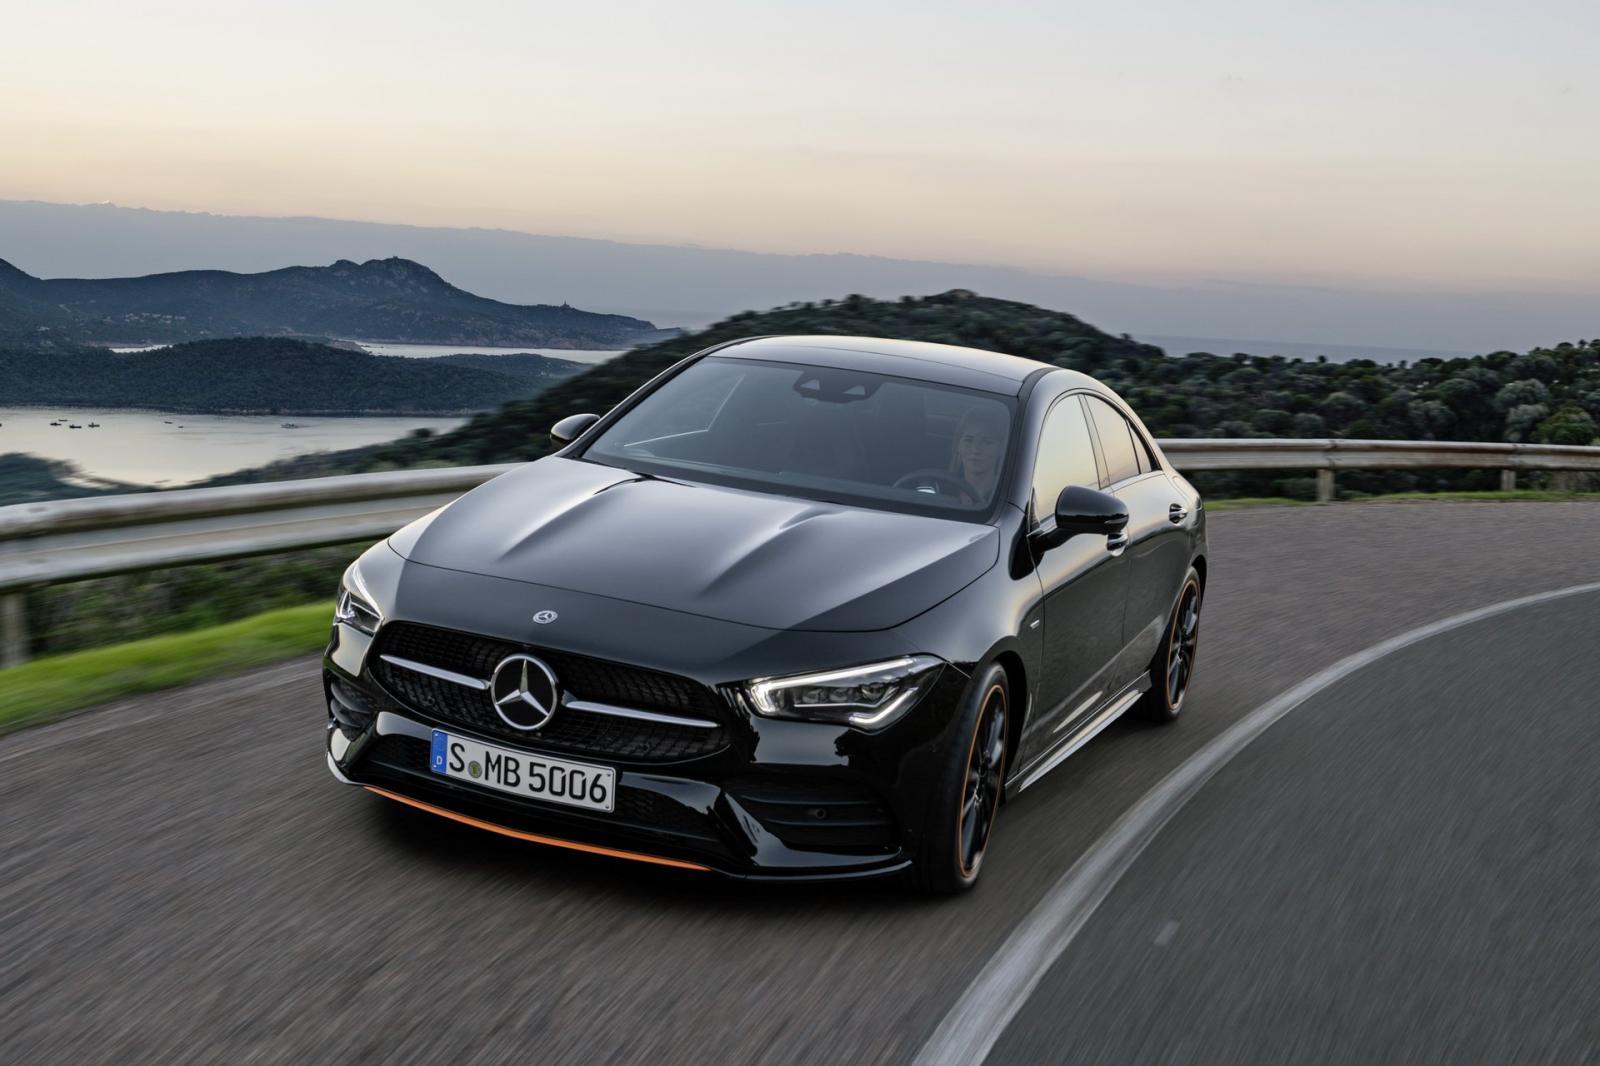 El nuevo Mercedes CLA ahora sí alcanza su potencial